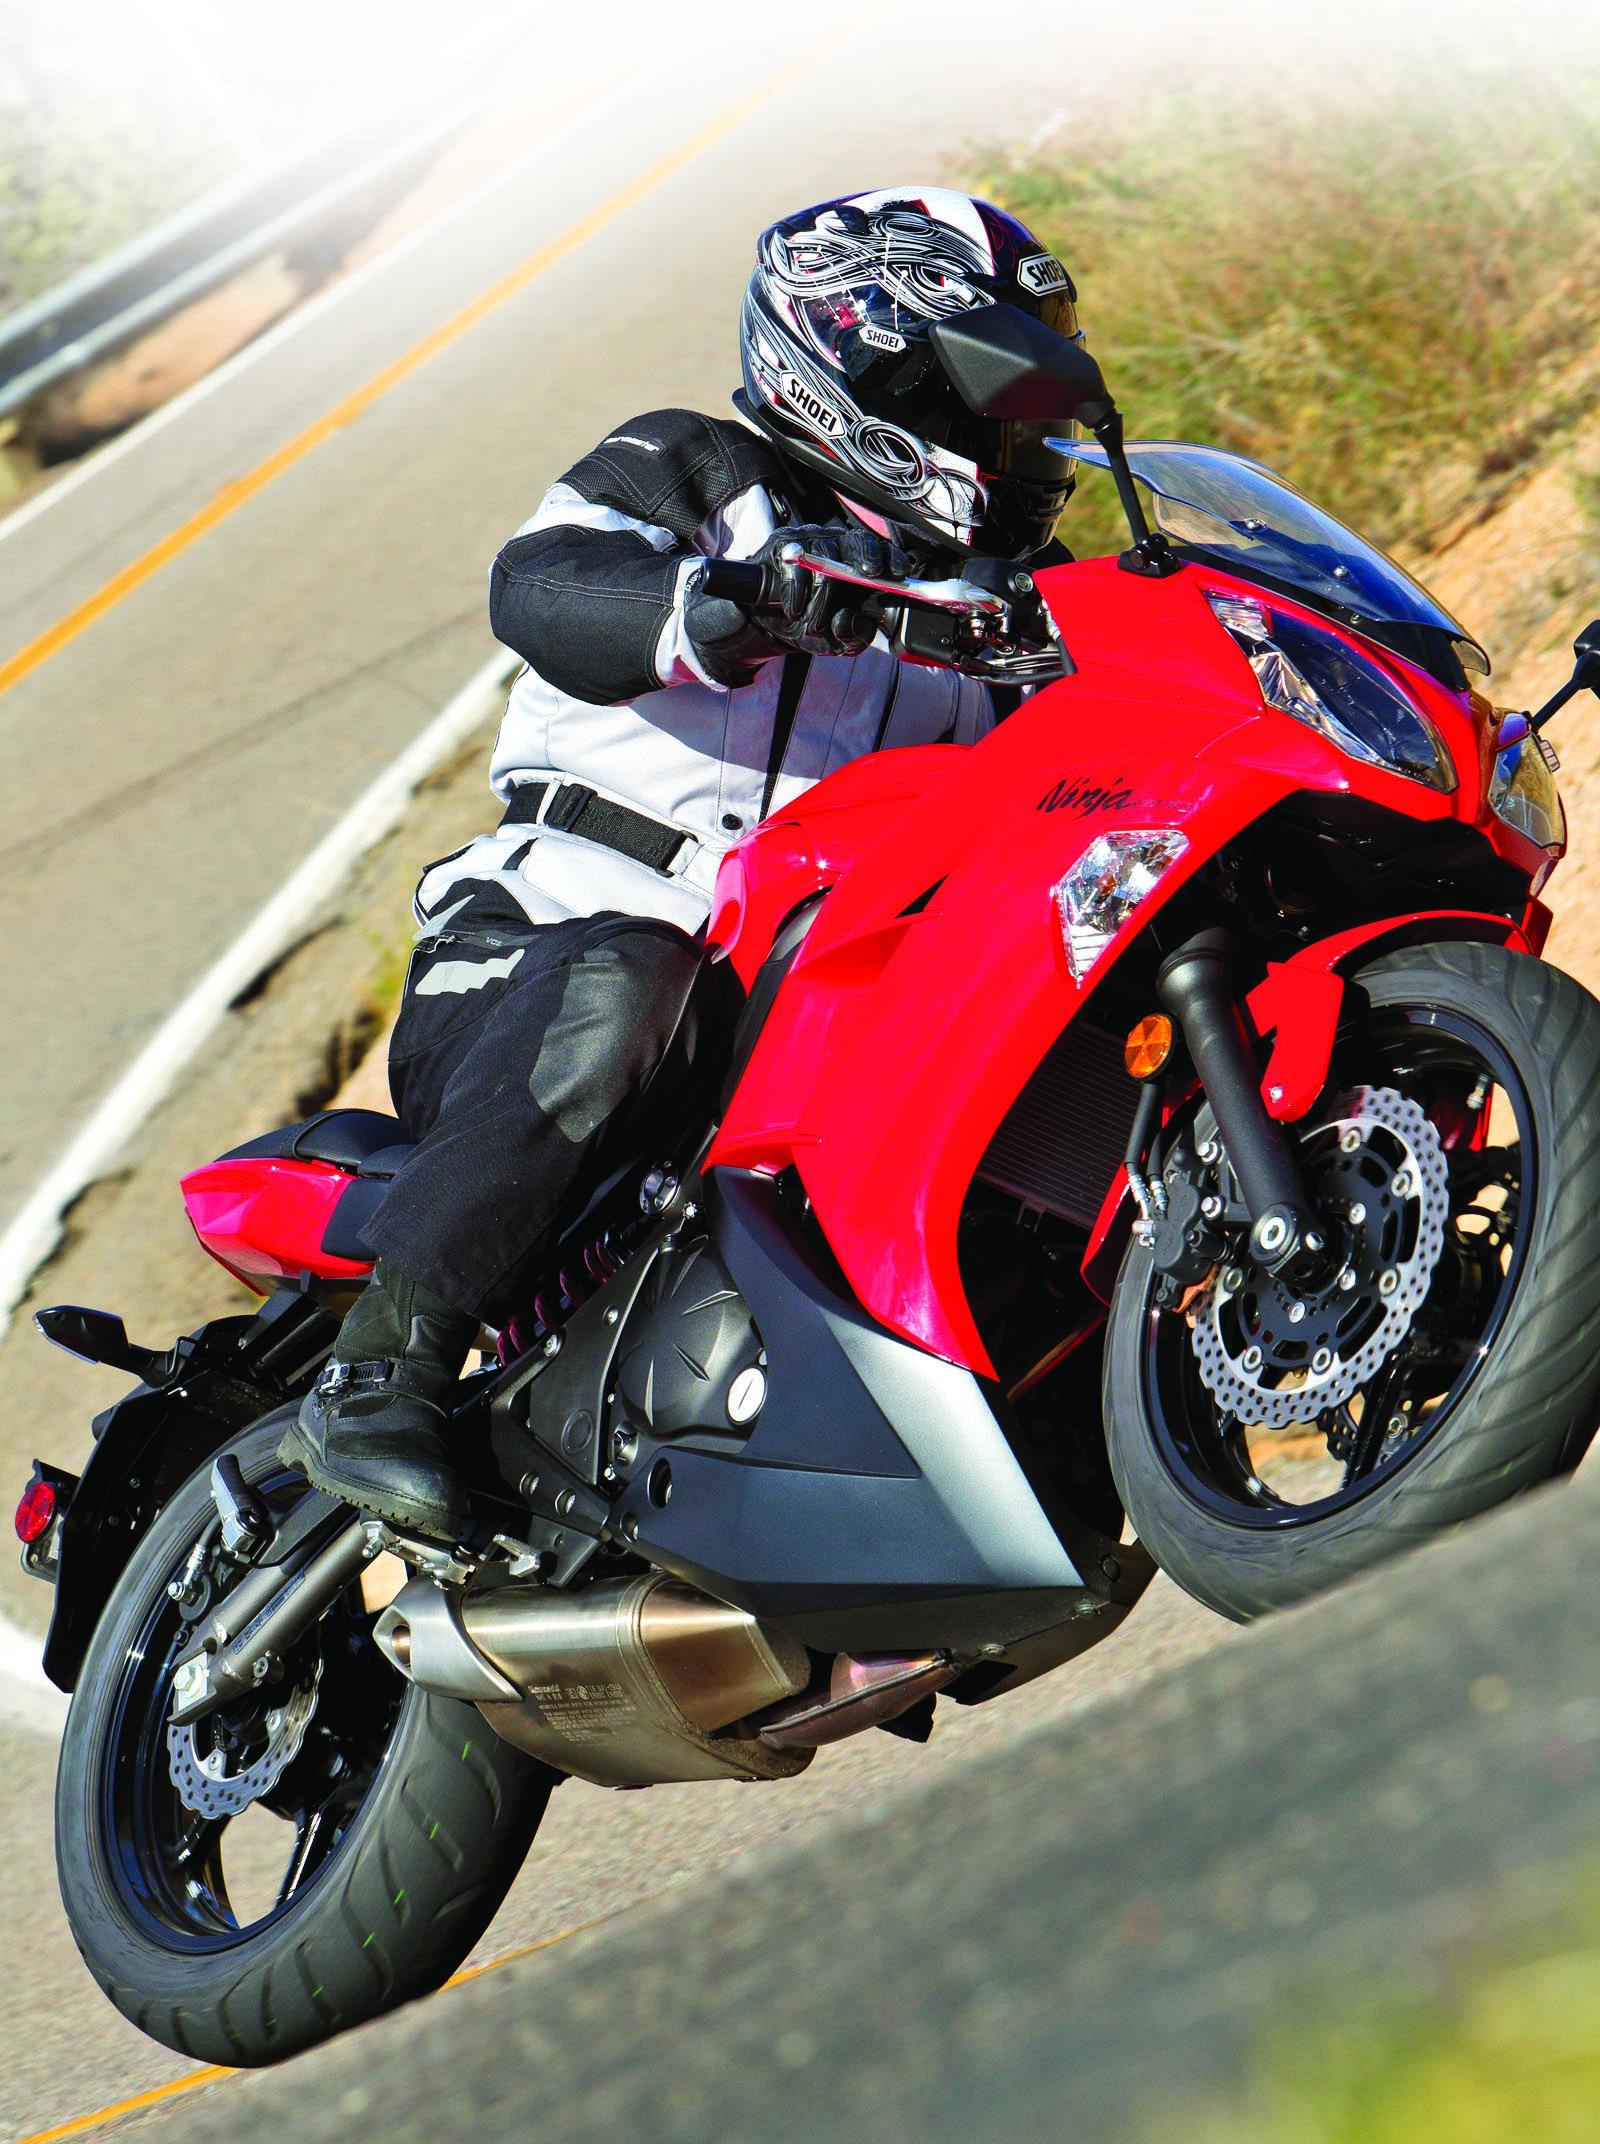 2012 Kawasaki Ninja 650 from Rider magazine.